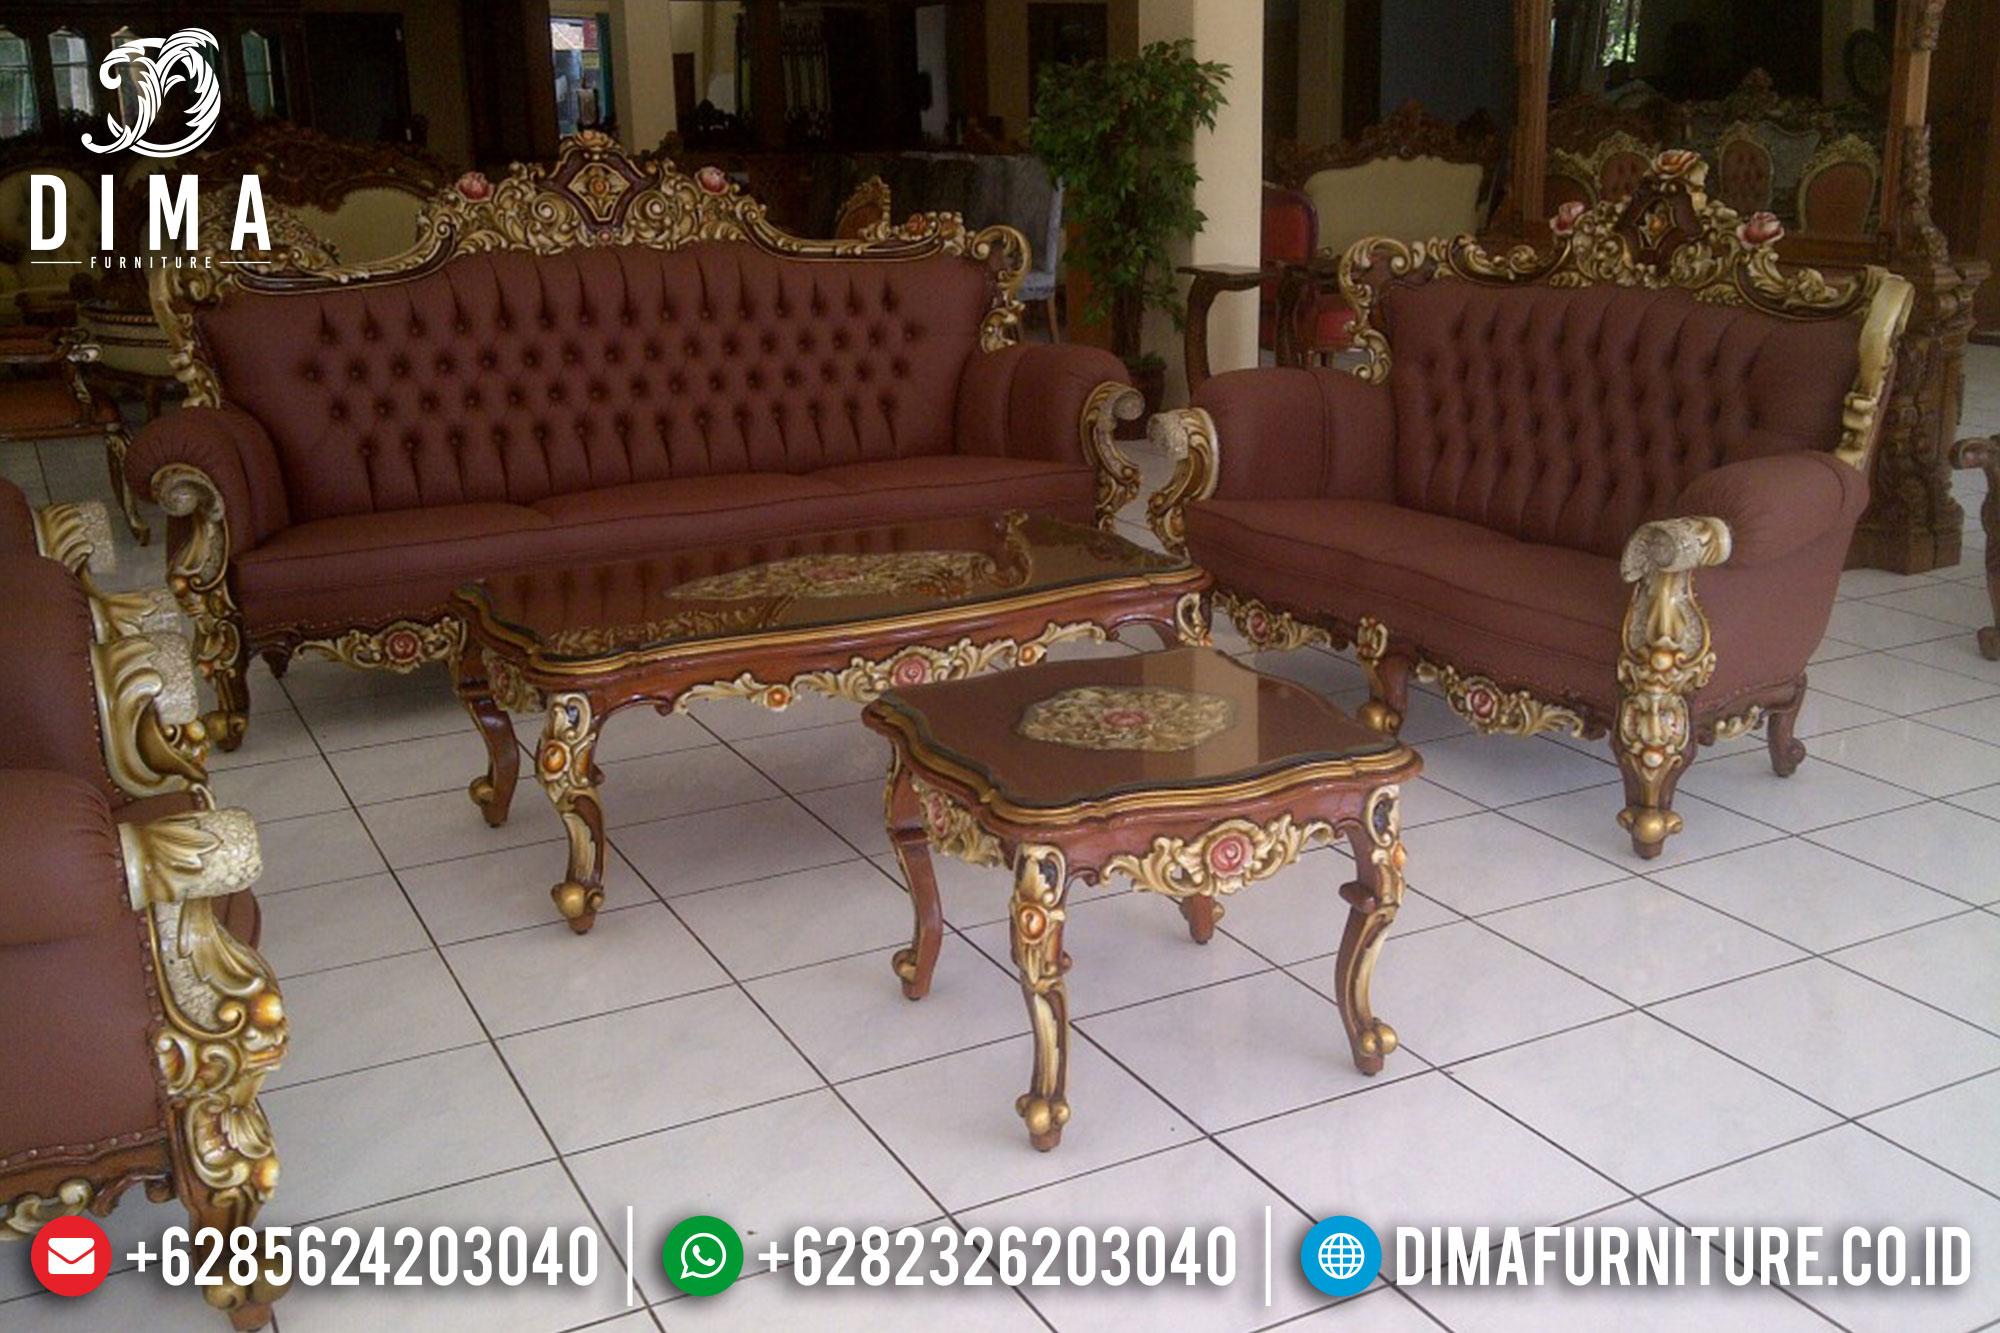 1 Set Kursi Sofa Tamu Ukir Jati Jepara Mewah Klasik Terbaru Df 0363